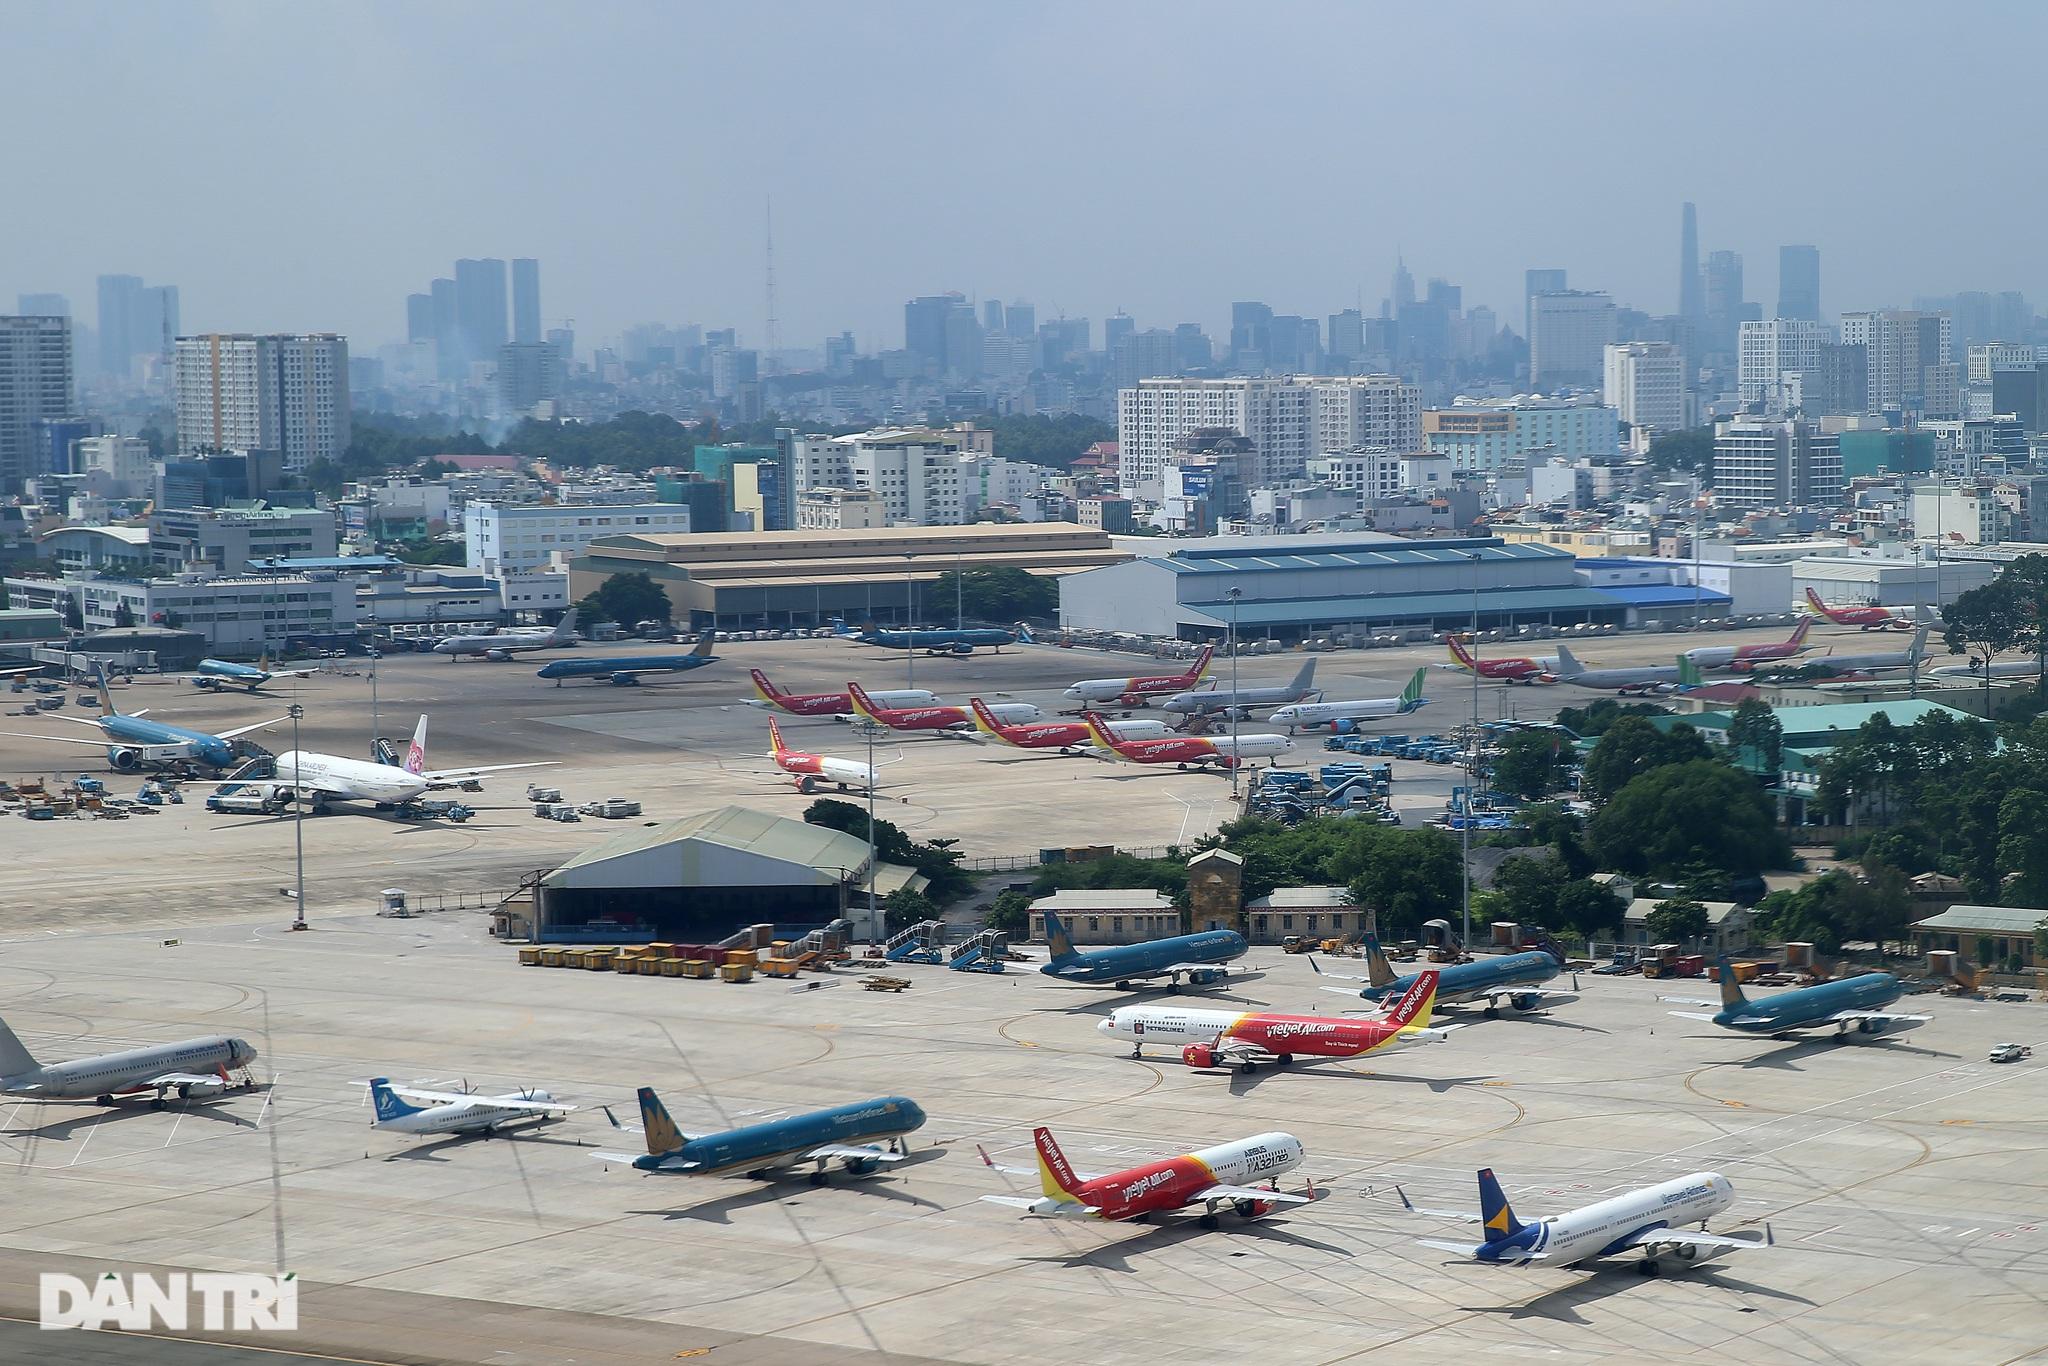 Kế hoạch khai thác đường bay: Gửi mọi tỉnh thành có sân bay trừ... Hà Nội